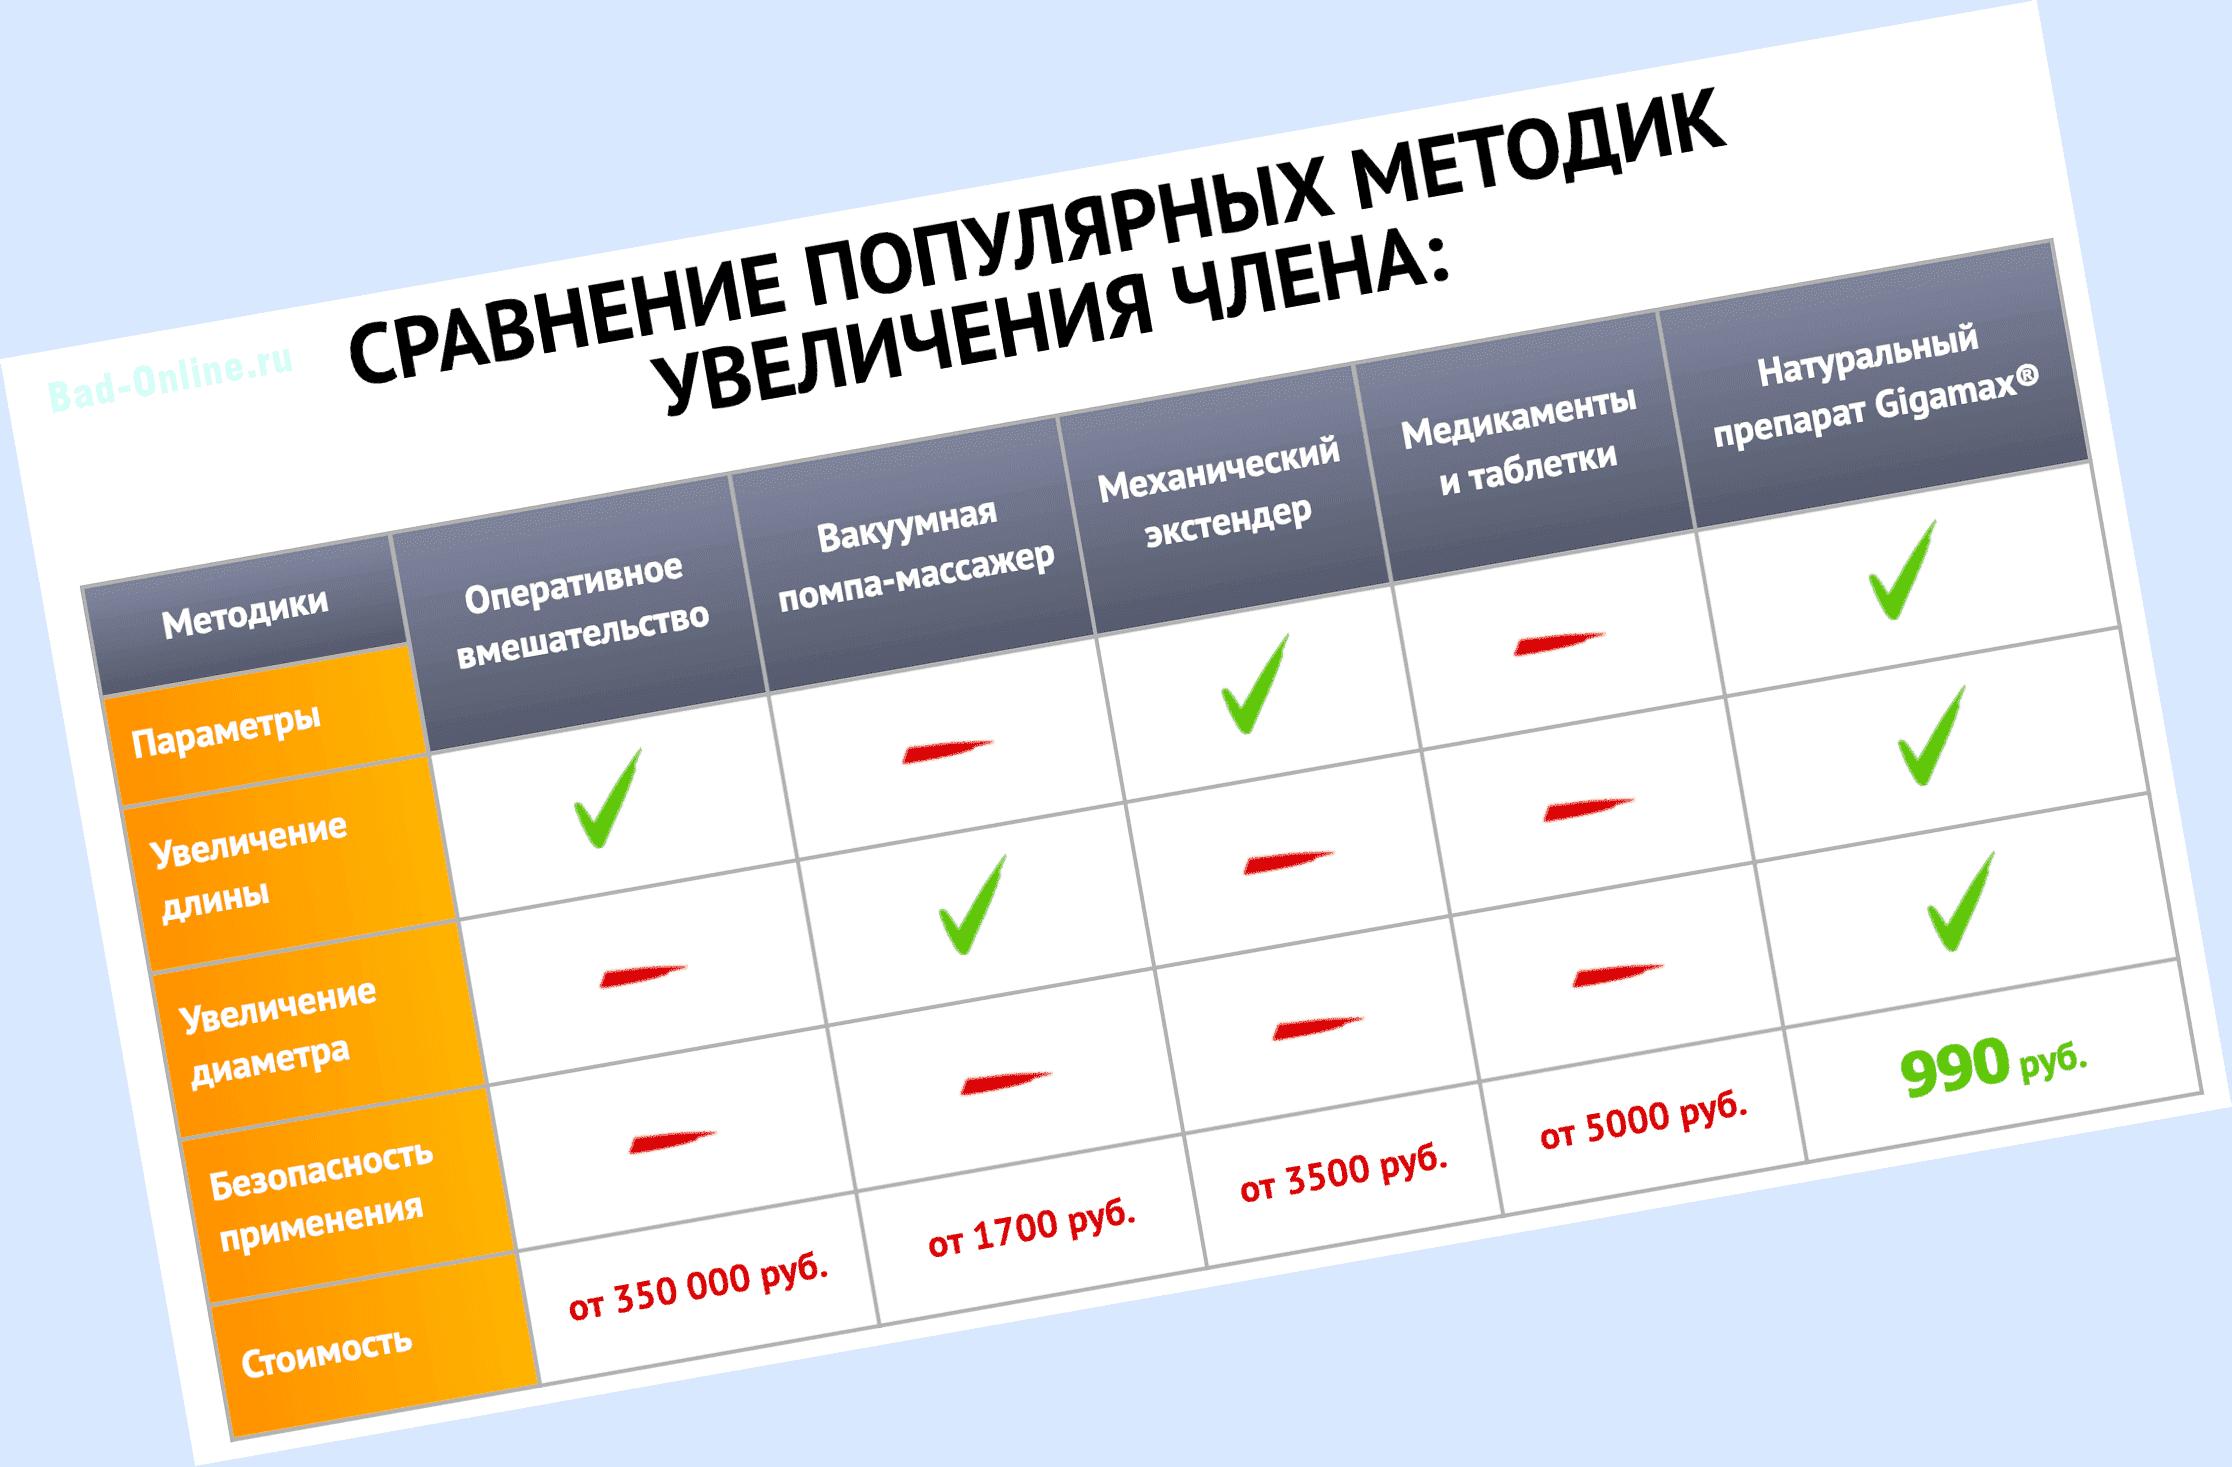 Противопоказания у средства GigaMax